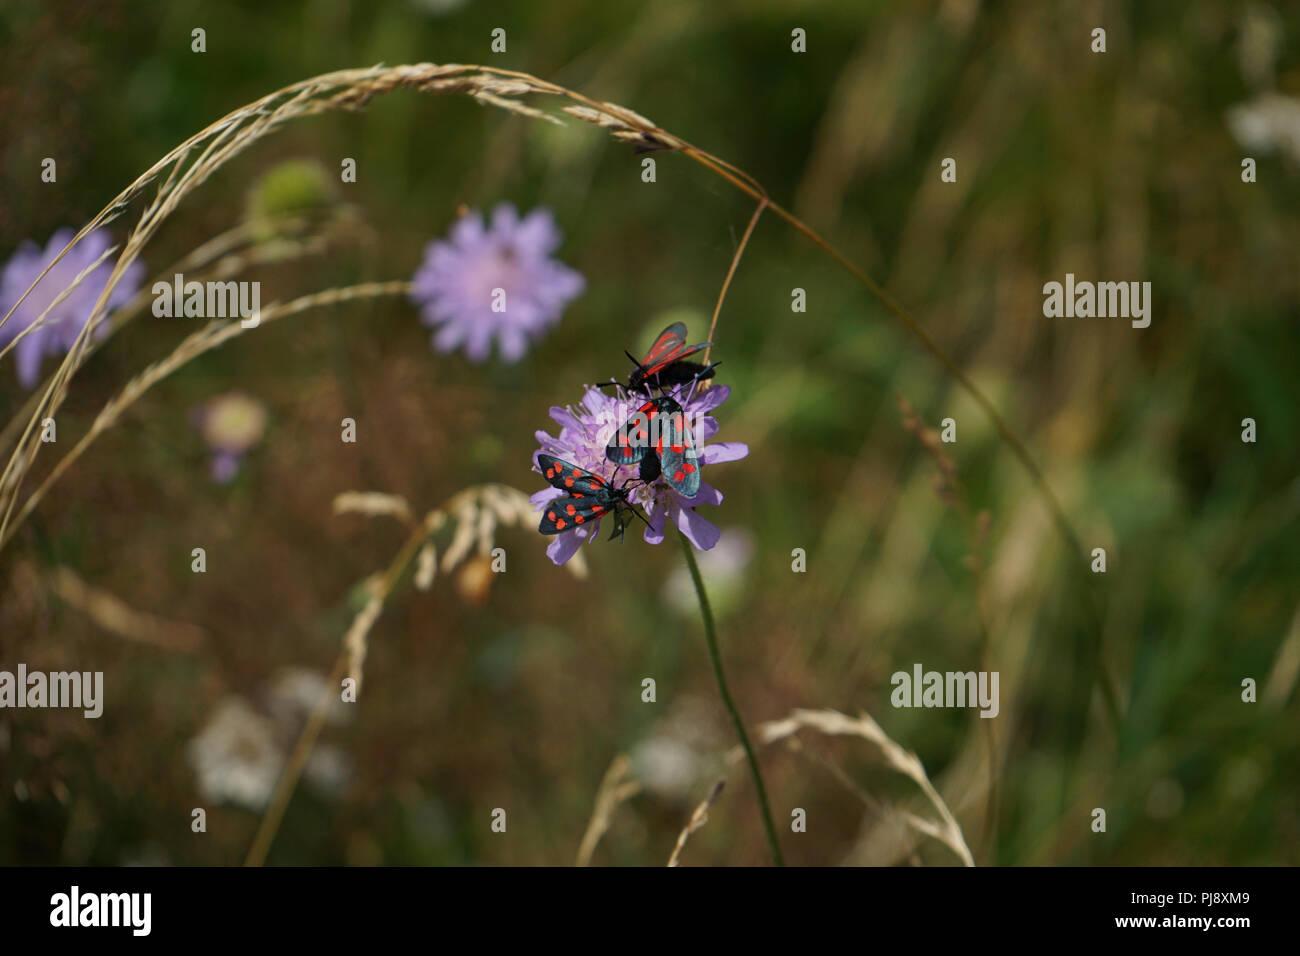 Widderchen, Blutströpfchen oder Zygänen, Schmetterlinge (Zygaenidae) auf Knautie-Blüte, Lesachtal, Gailtaler Alpen, Kärnten, Österreich - Stock Image